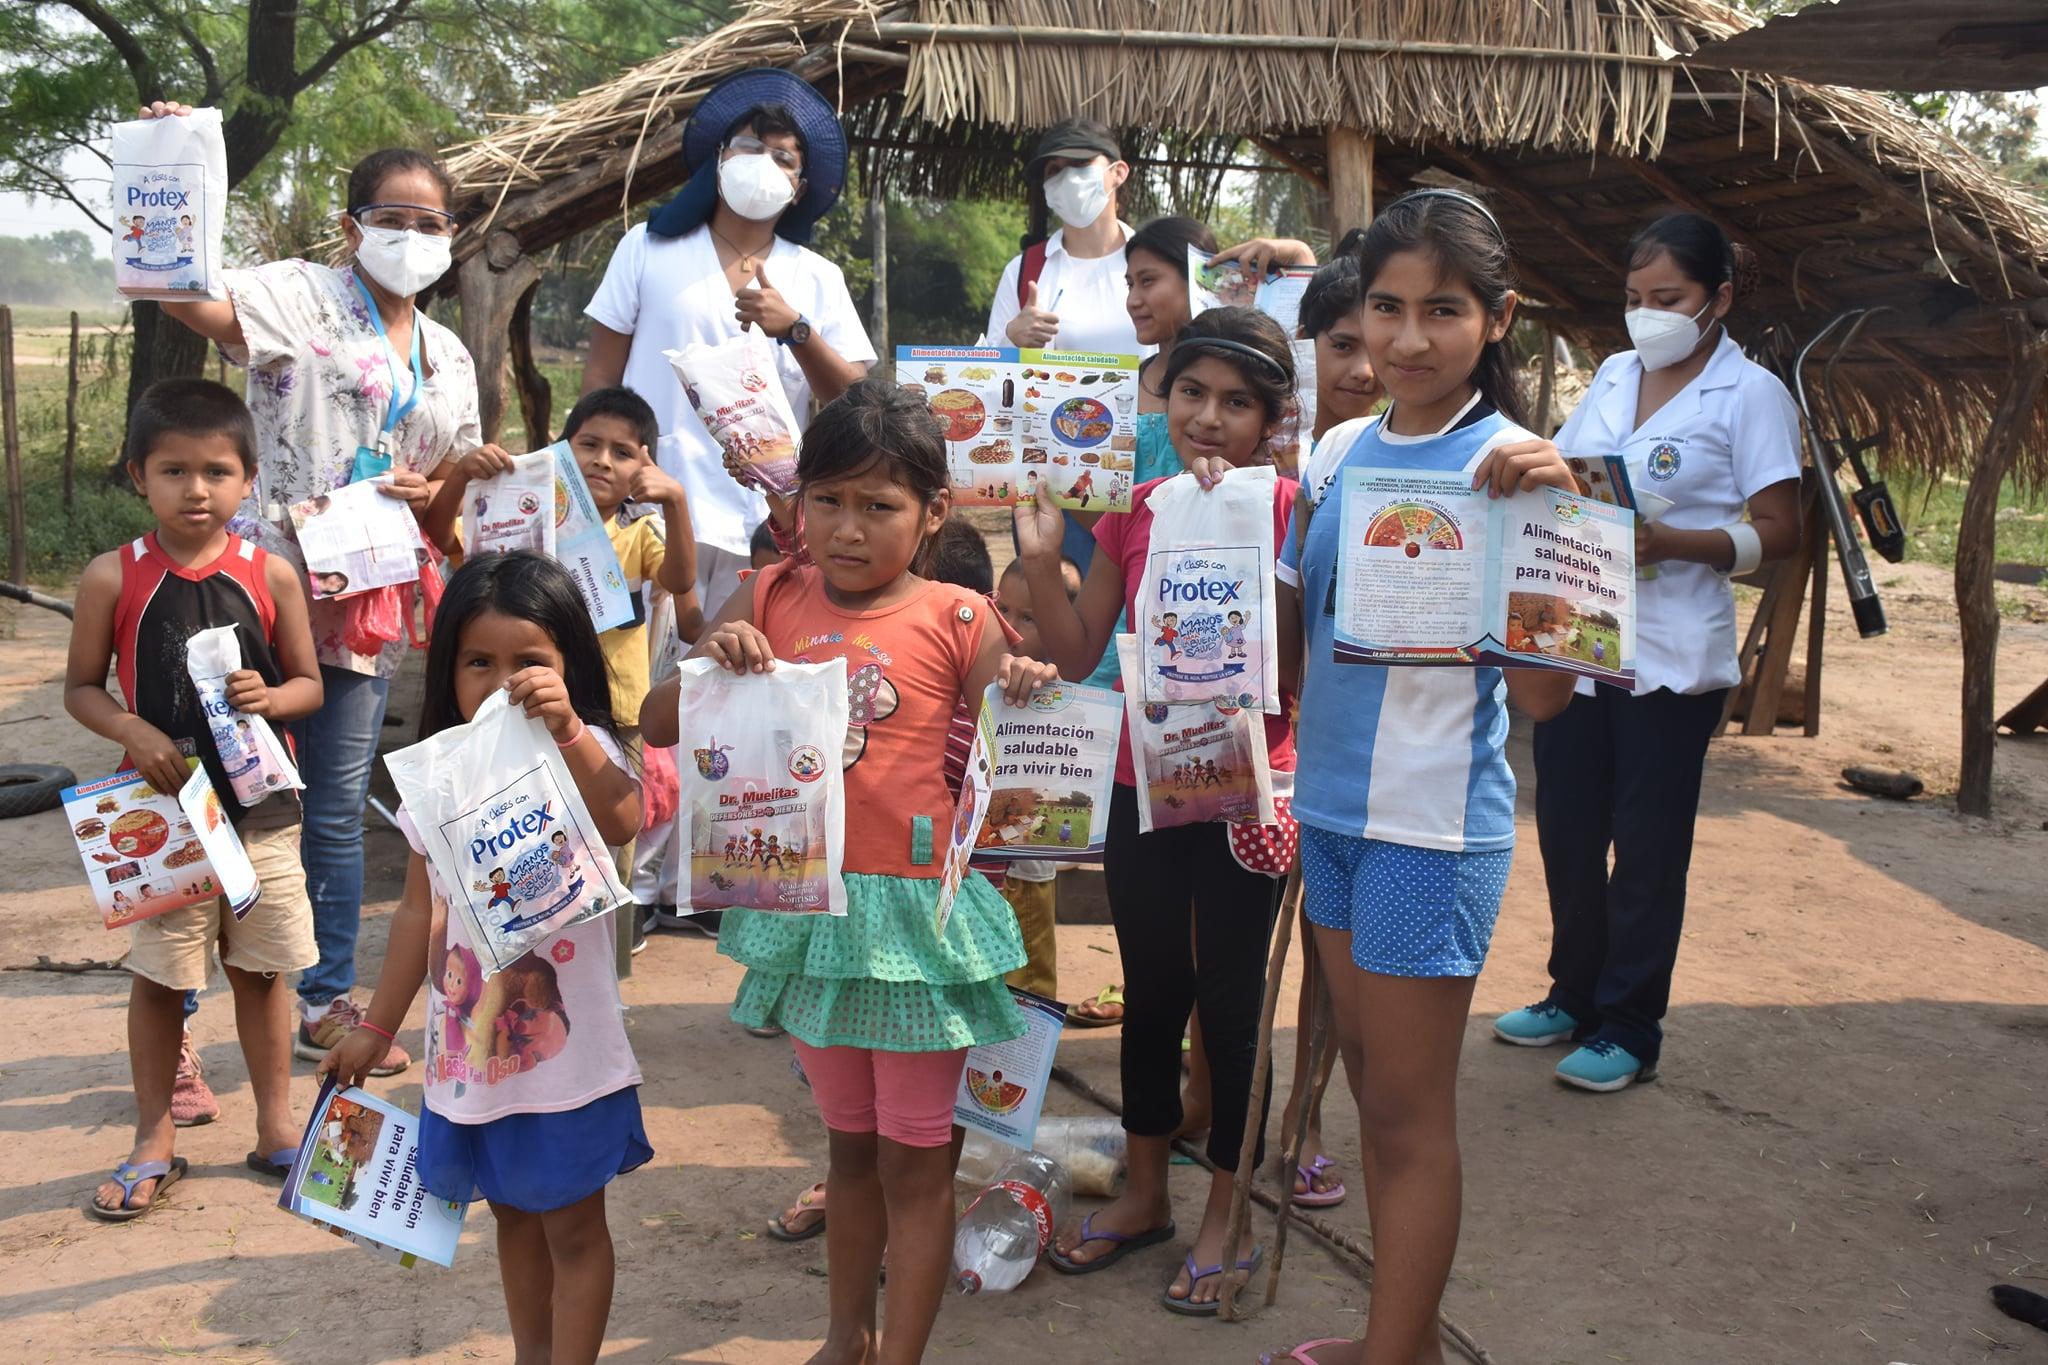 La concejala Dra. Cecilia Duarte realizó la entrega de kits de aseo dental para niños y niñas